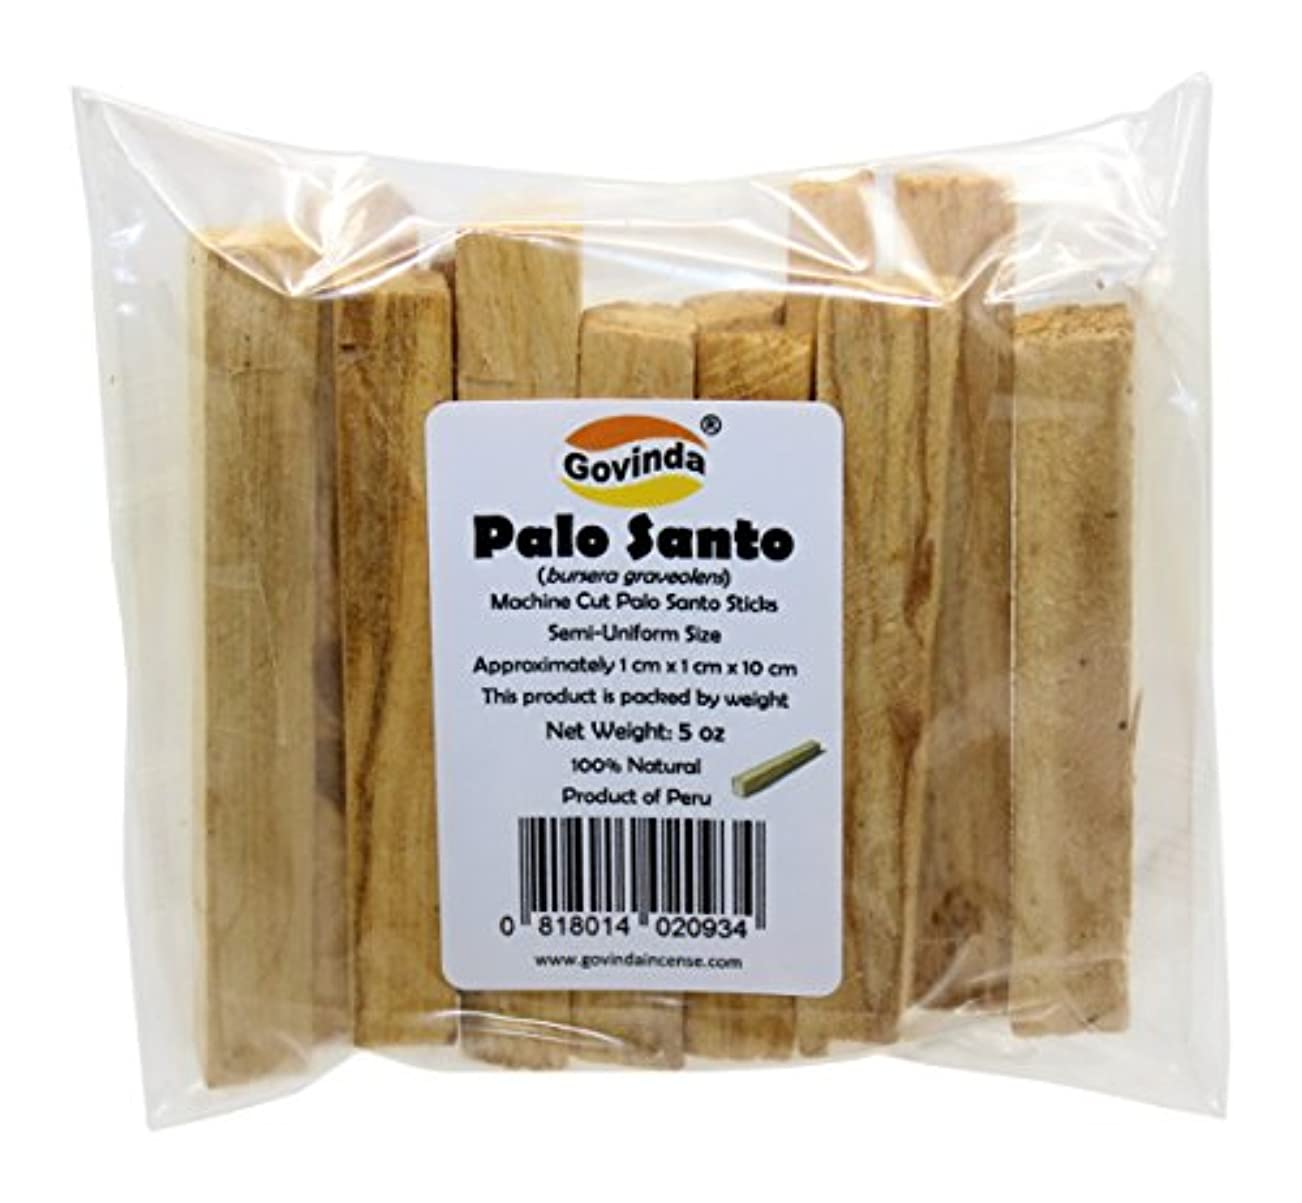 暗殺するビルコンベンションGovindaプレミアムPalo Santo Holy Wood Incense Sticks 5オンスパックfor purifying、クレンジング、ヒーリング、瞑想、Stress Relief。100 %天然